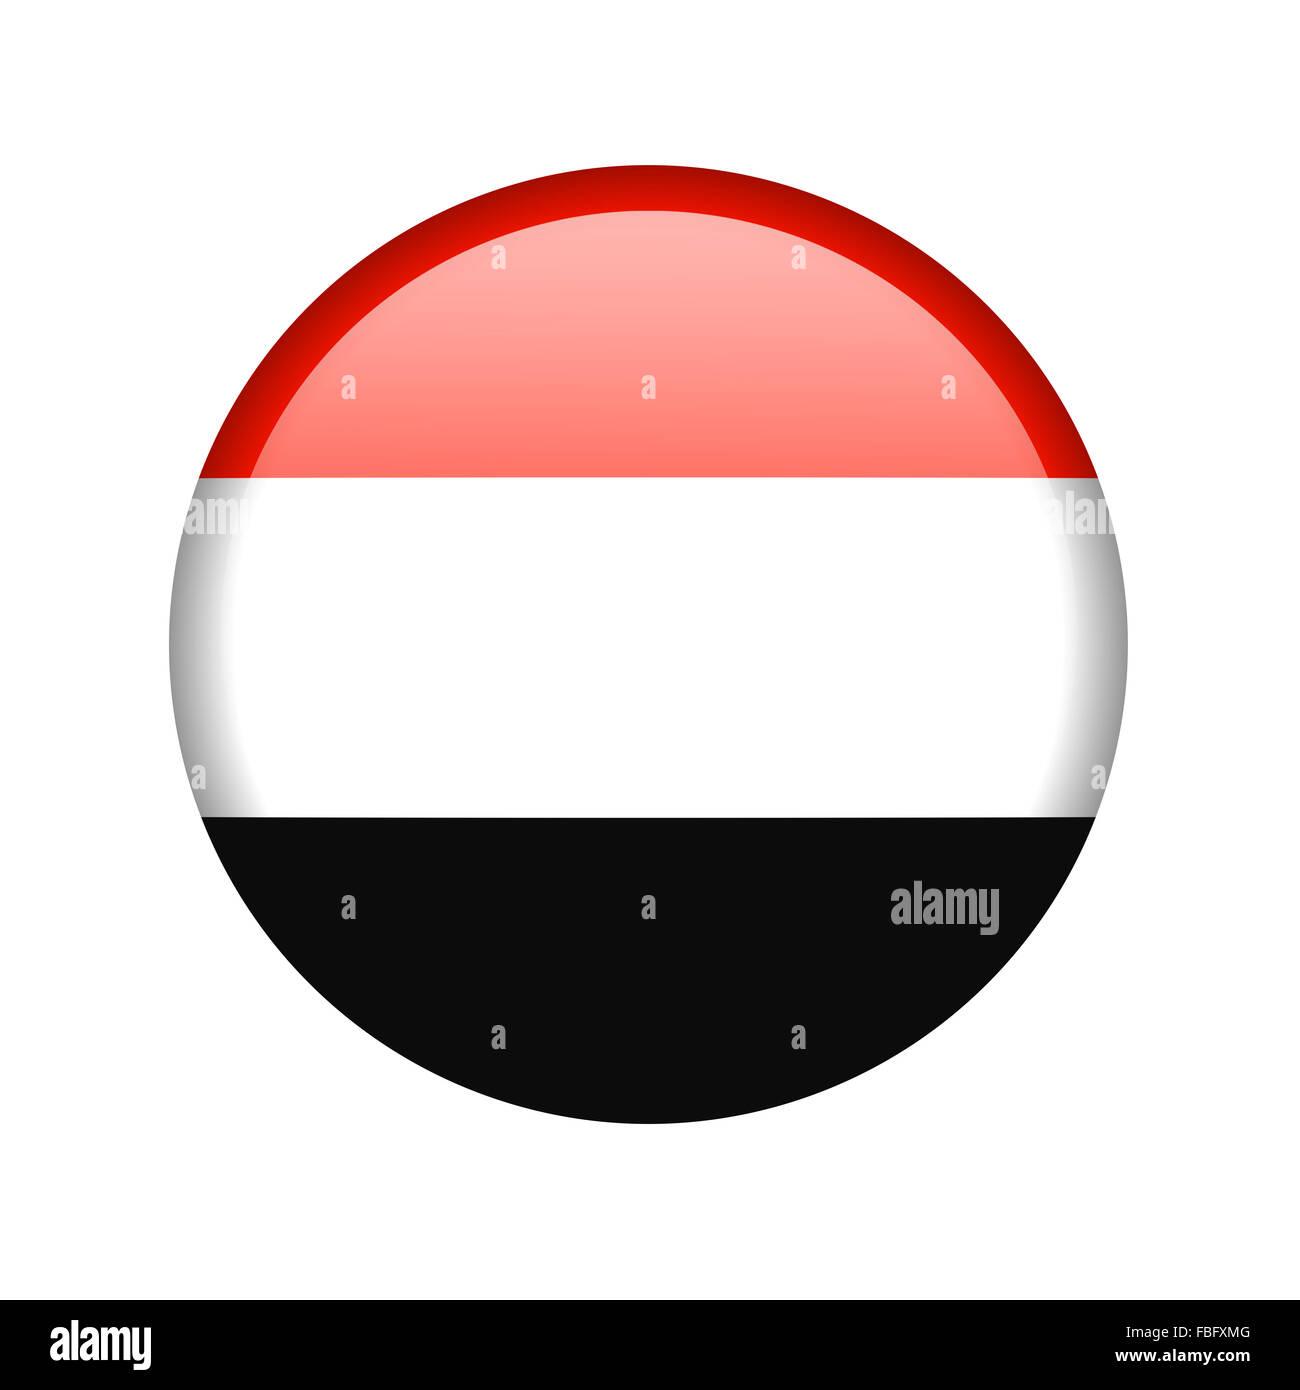 The Yemeni flag - Stock Image